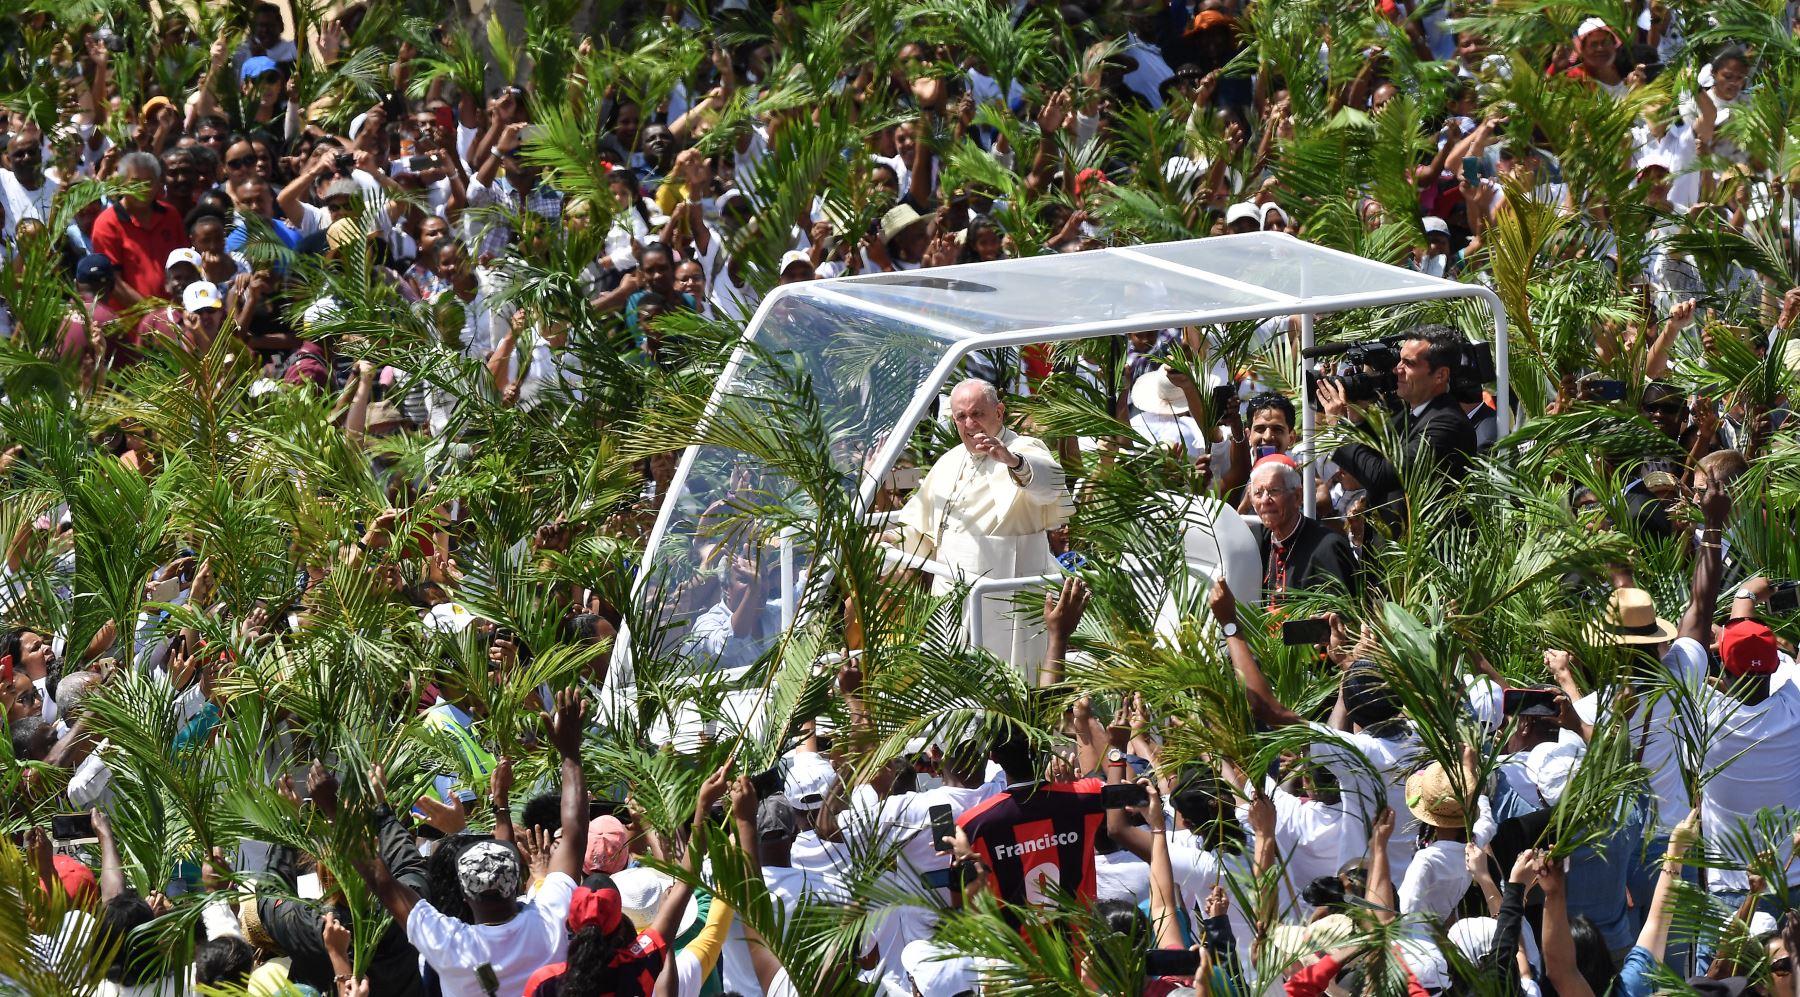 El Papa Francisco realiza una gira de tres naciones por los países africanos del Océano Índico, muy afectados por la pobreza, los conflictos y los desastres naturales. Foto: AFP